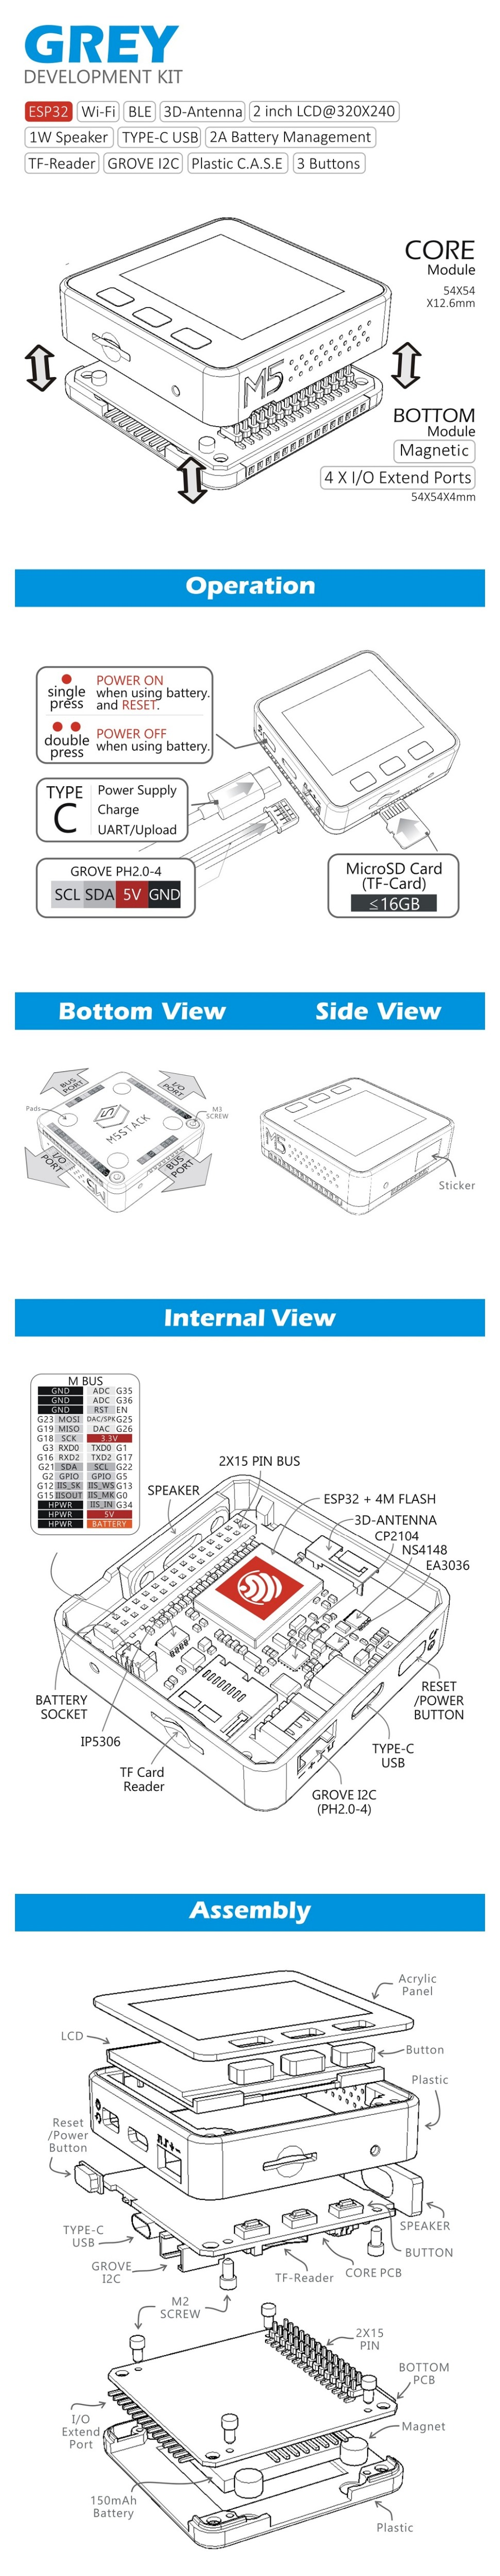 M5Stack Oficial Em Estoque ESP32 Mpu9250 9 Axis Sensor de Movimento Kit de  Desenvolvimento Core Extensível Placa de Desenvolvimento IoT para Arduino